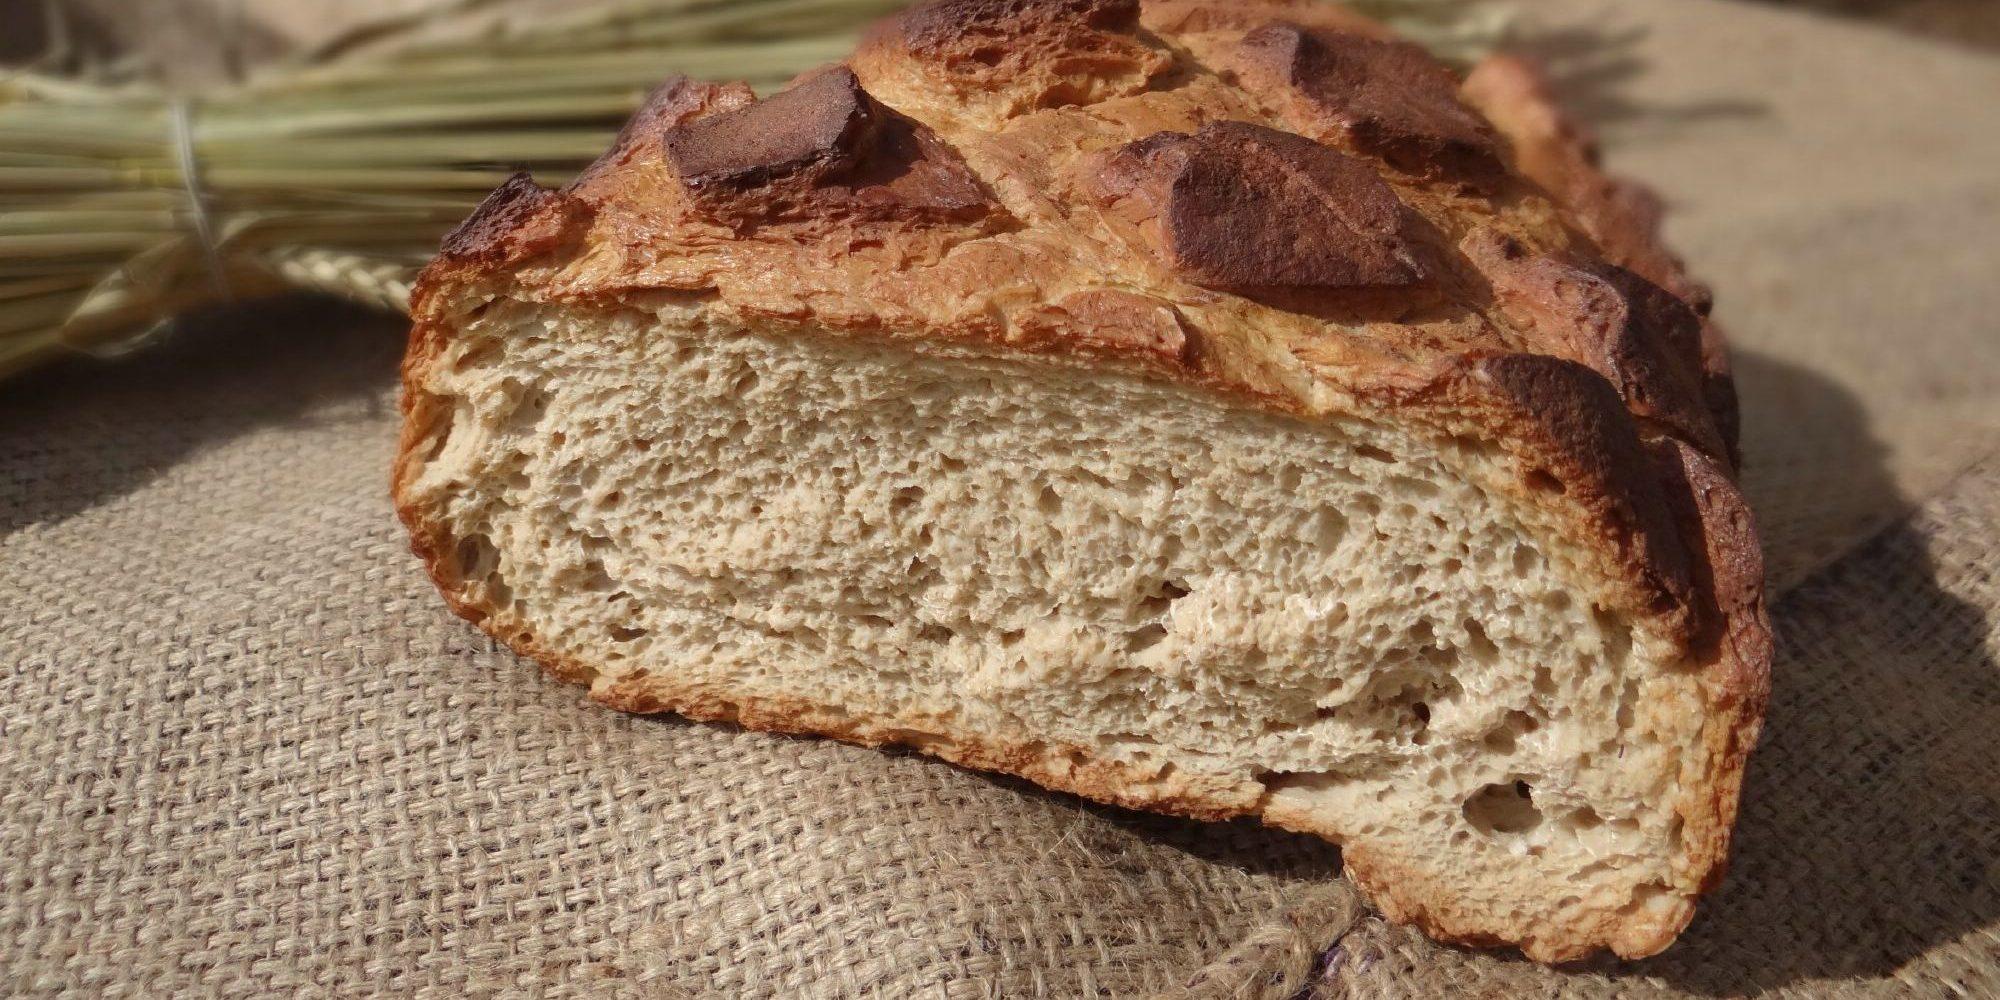 détail de la mie du pain factice historique